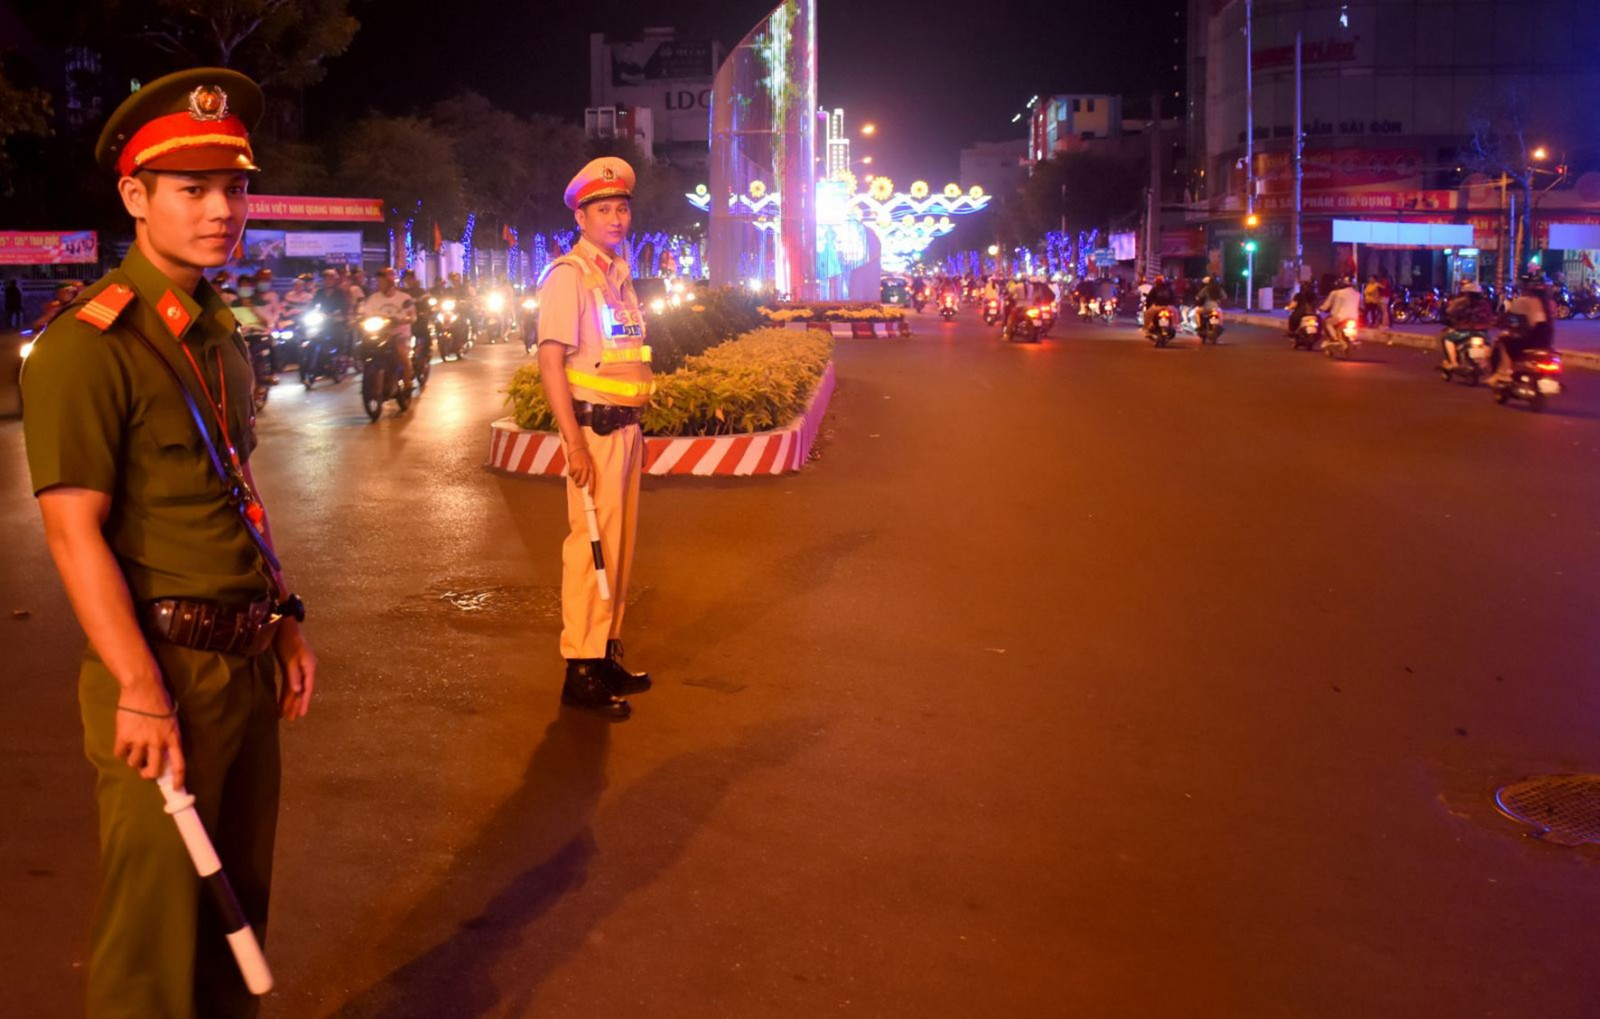 Công an TP Cần Thơ trực tiếp điều tiết, phân luồng giao thông đảm bảo thông suốt trong dịp lễ Giỗ tổ Hùng Vương khu vực Công viên Lưu Hữu Phước. Ảnh: TRẦN VŨ TRỌNG